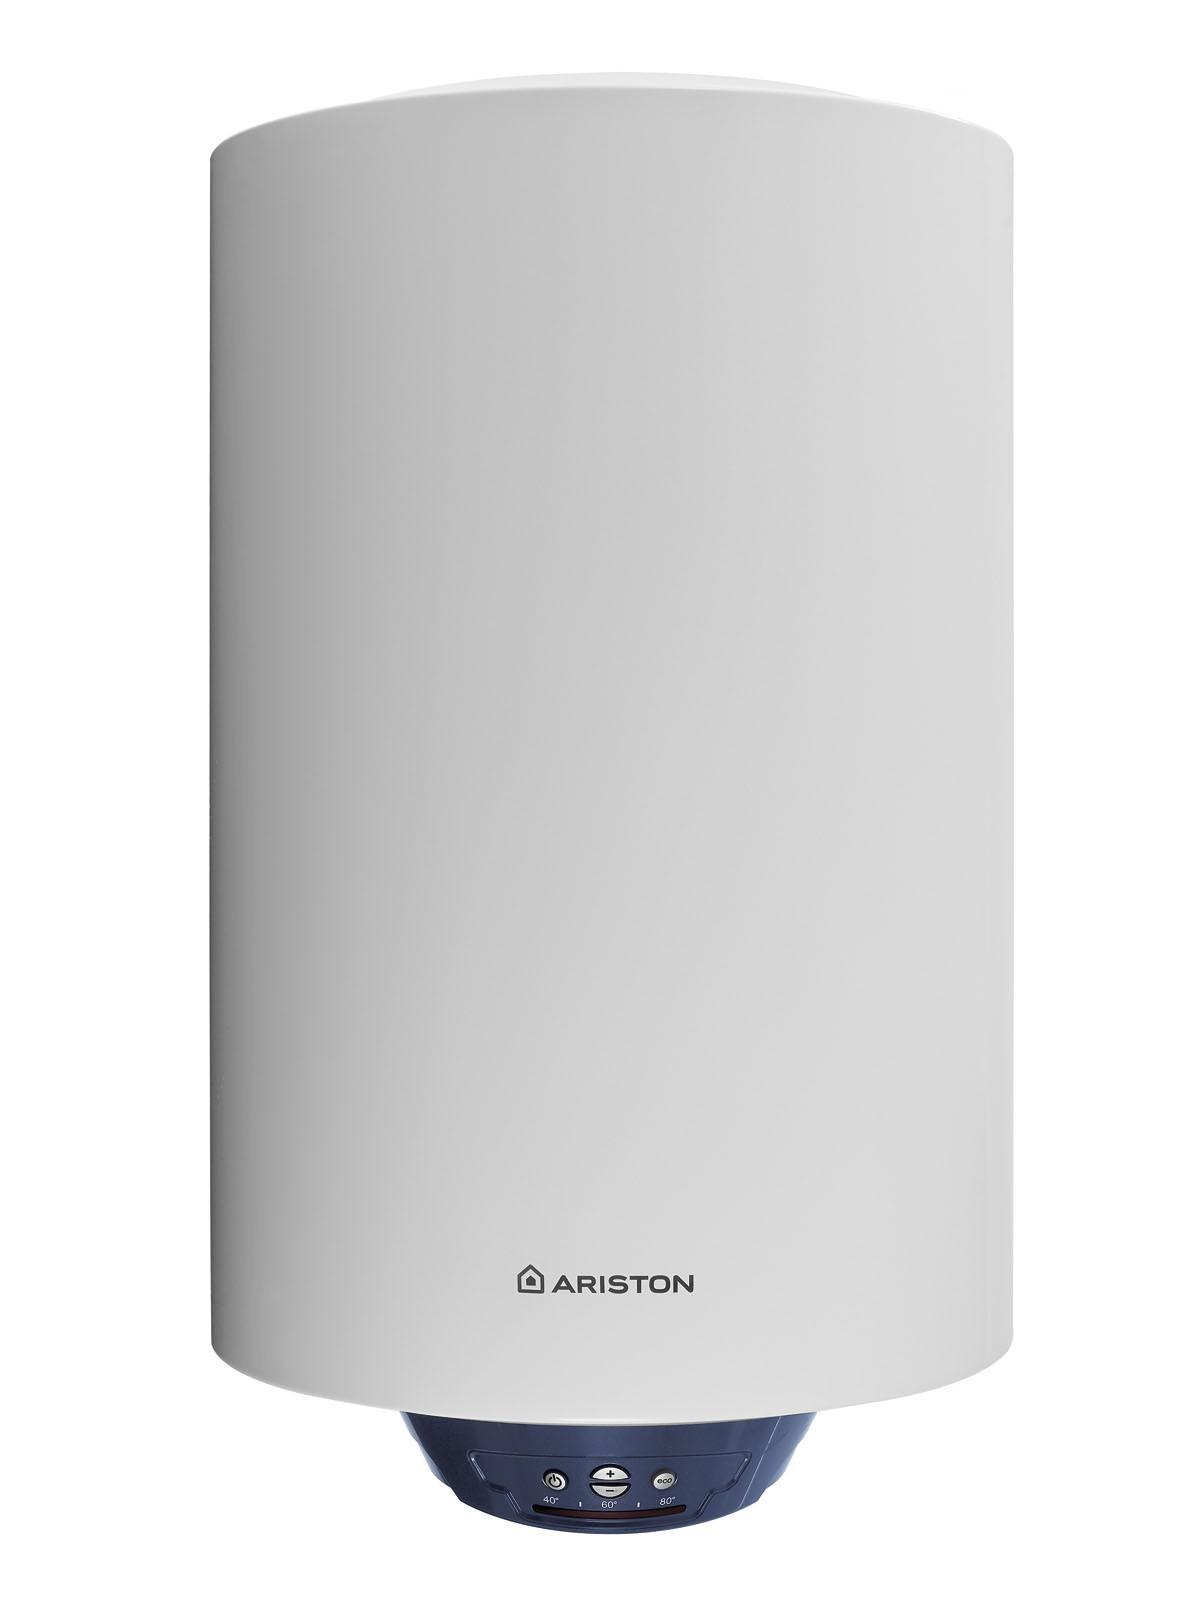 Termo electrico ariston aire acondicionado madrid - Termos electricos precios ...